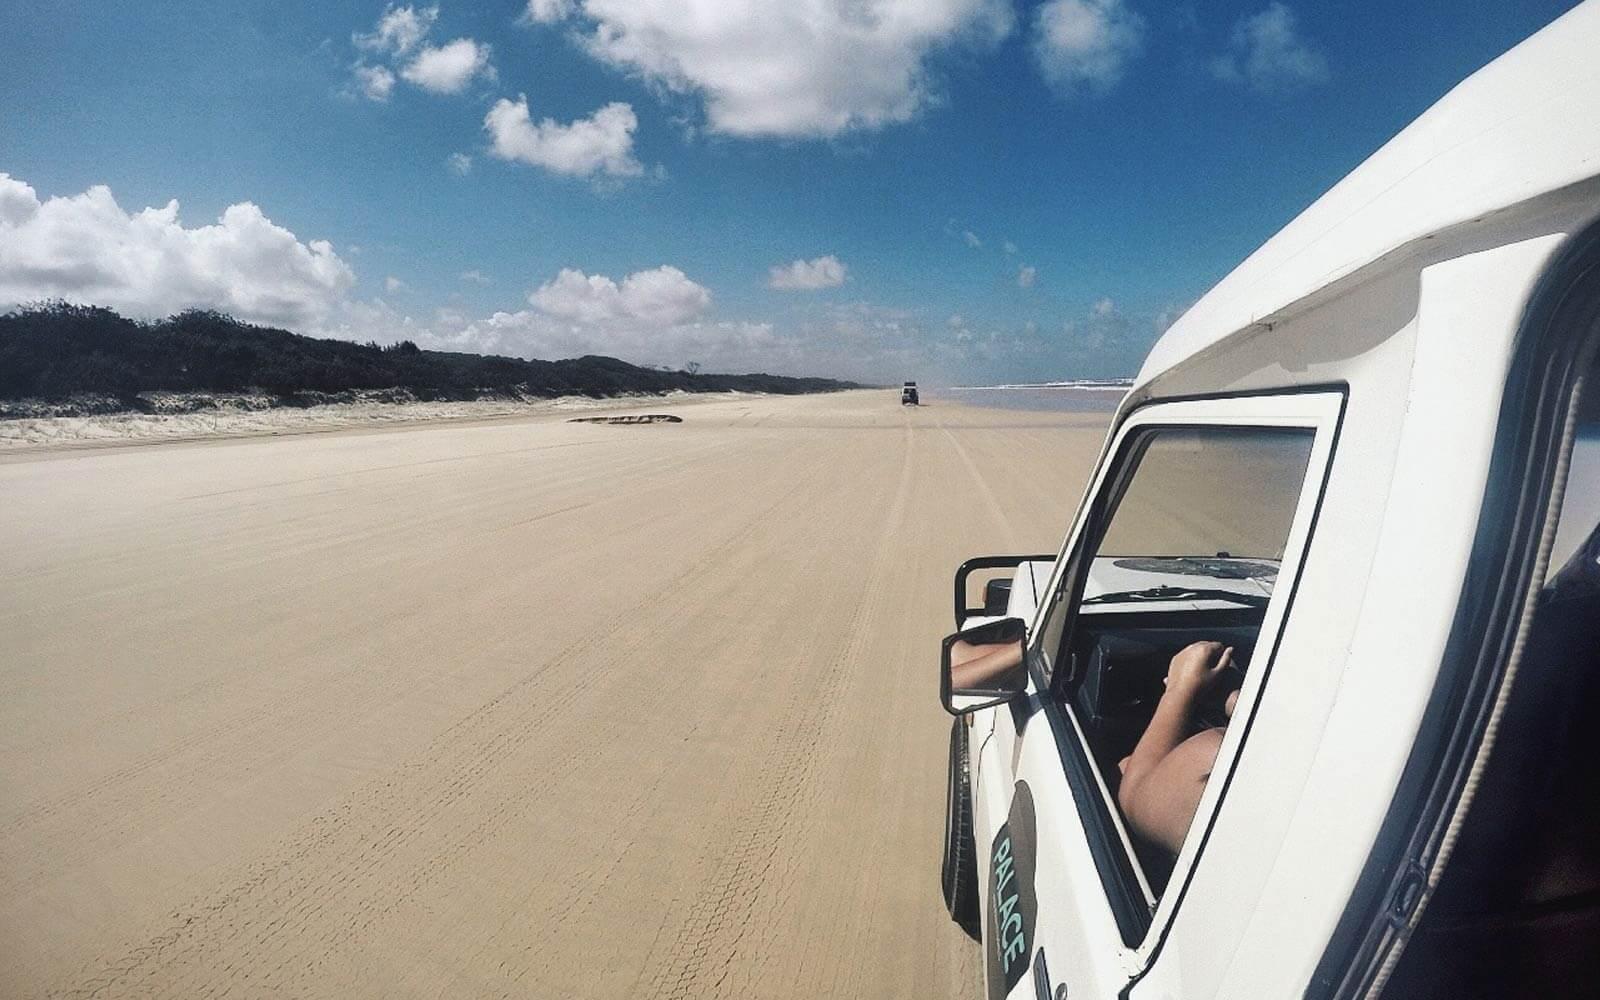 Blick aus dem fahrenden Auto über den Strand